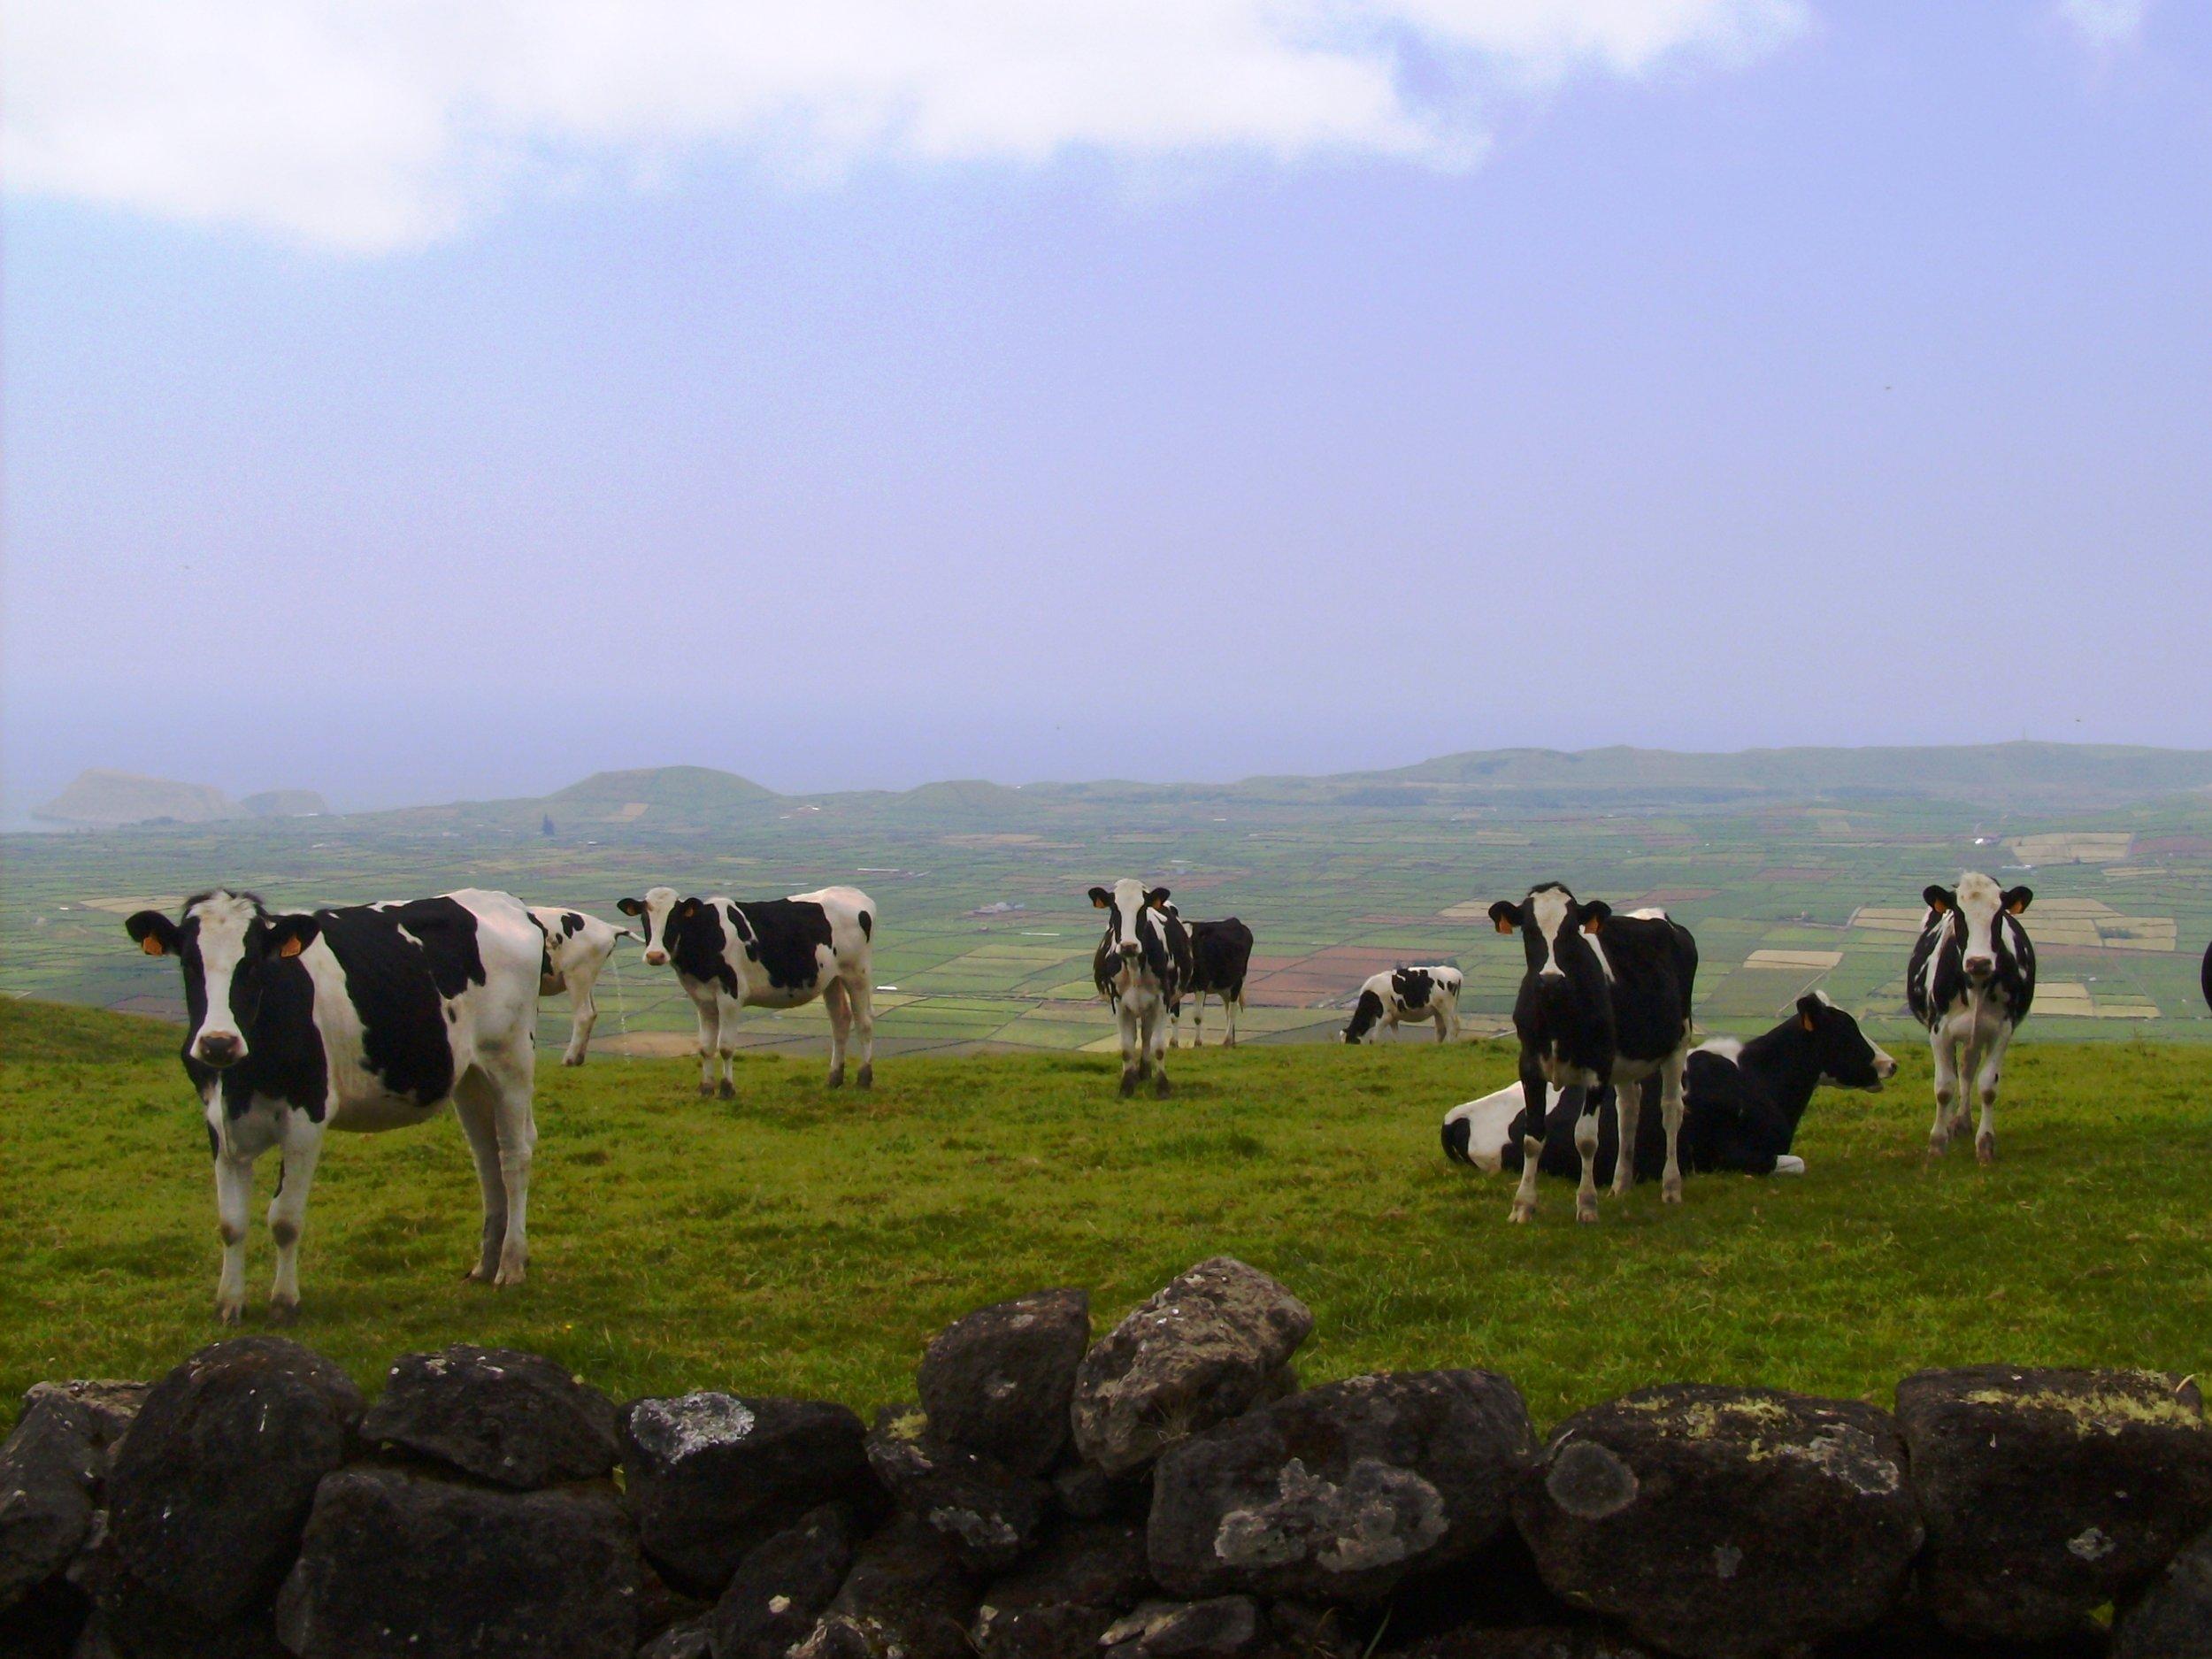 Vacas no Pasto - Serra do Cume